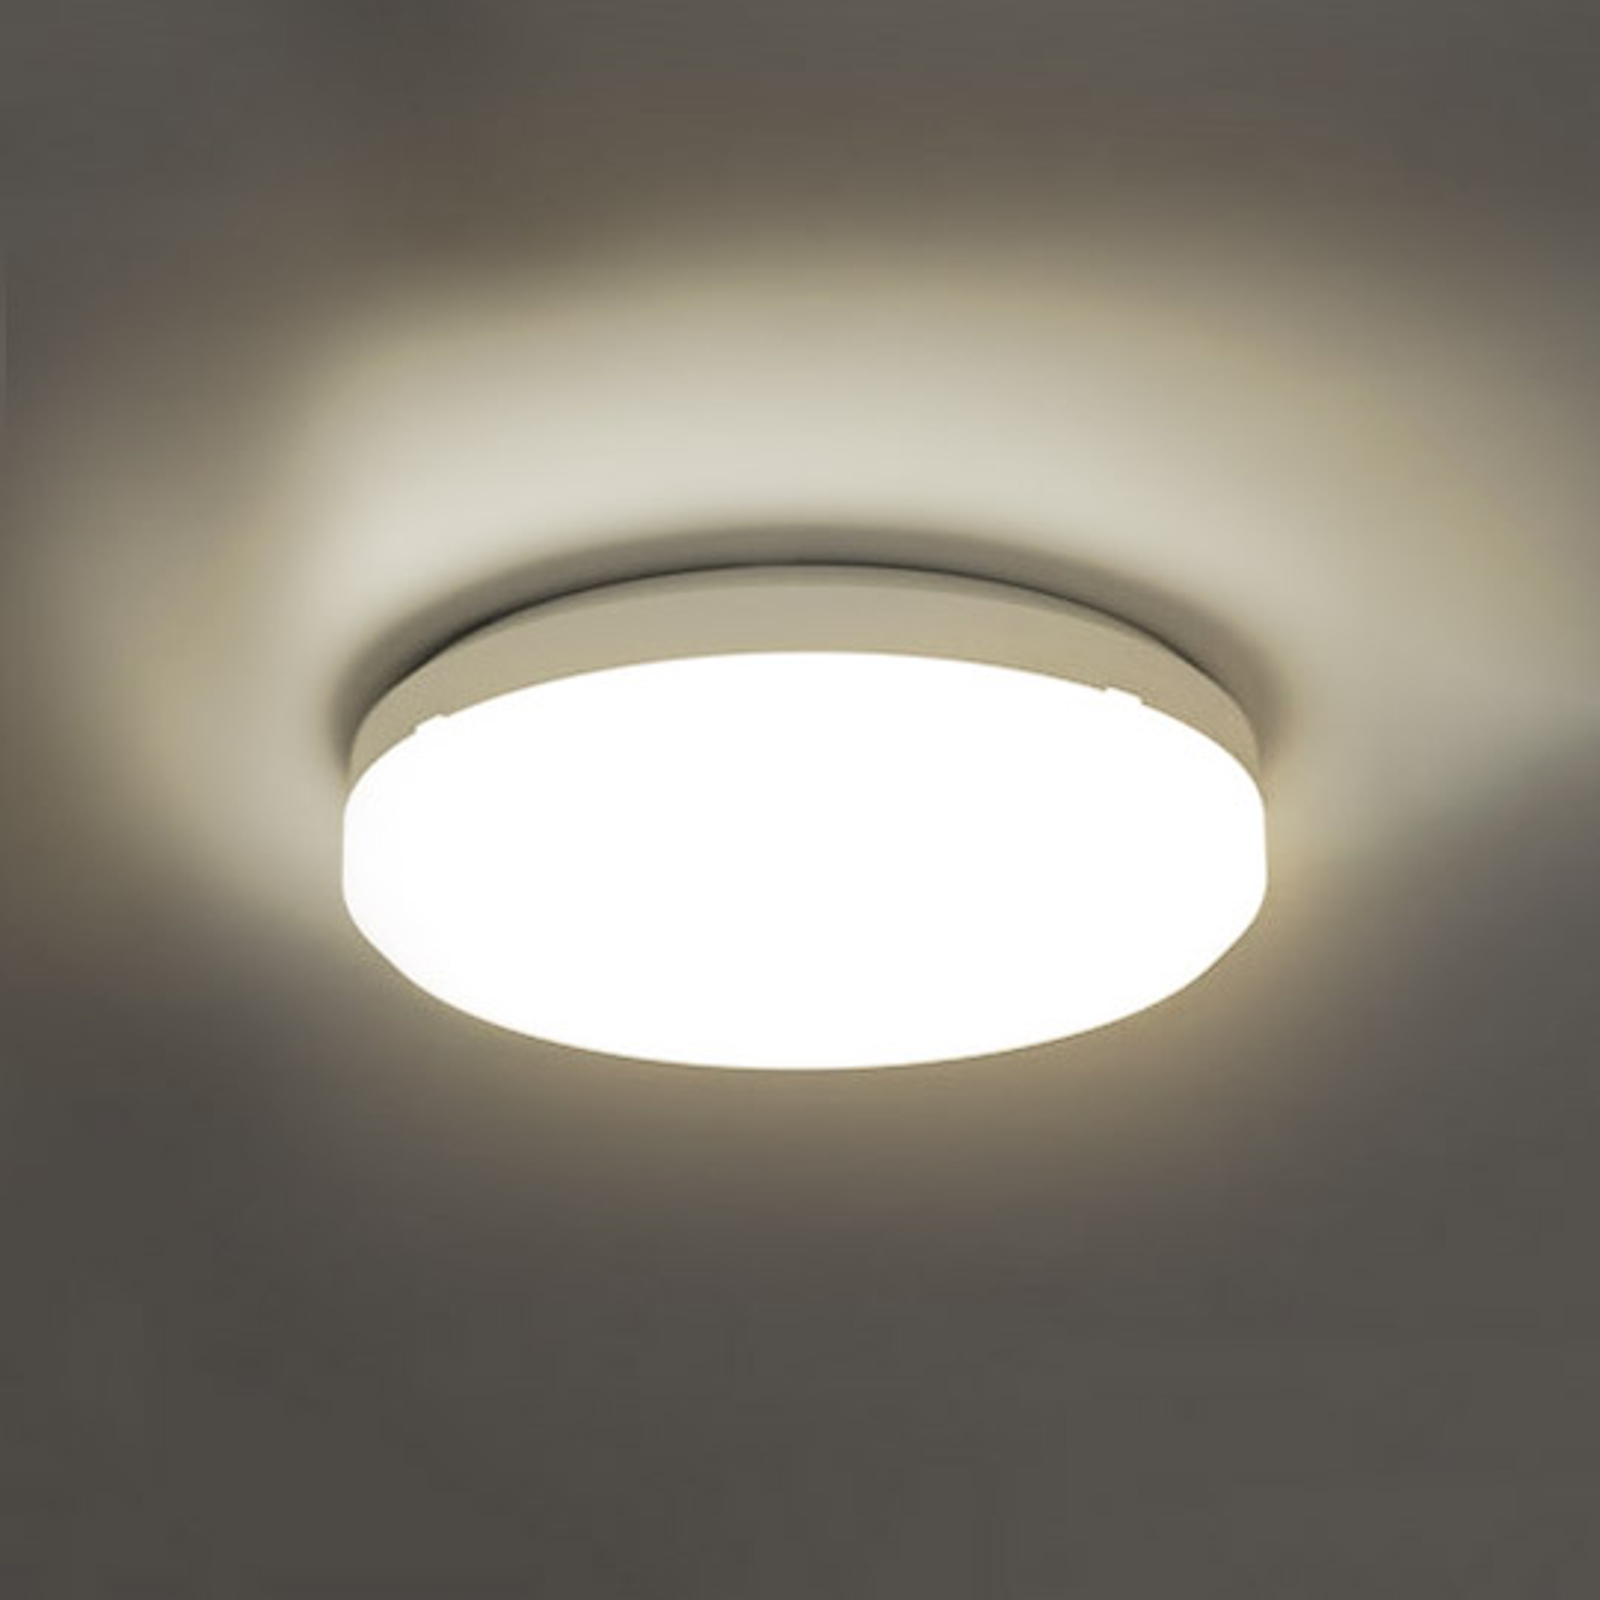 SUN 15 LED-taklampe, IP65, 18 W, 3000 K, varmhvitt